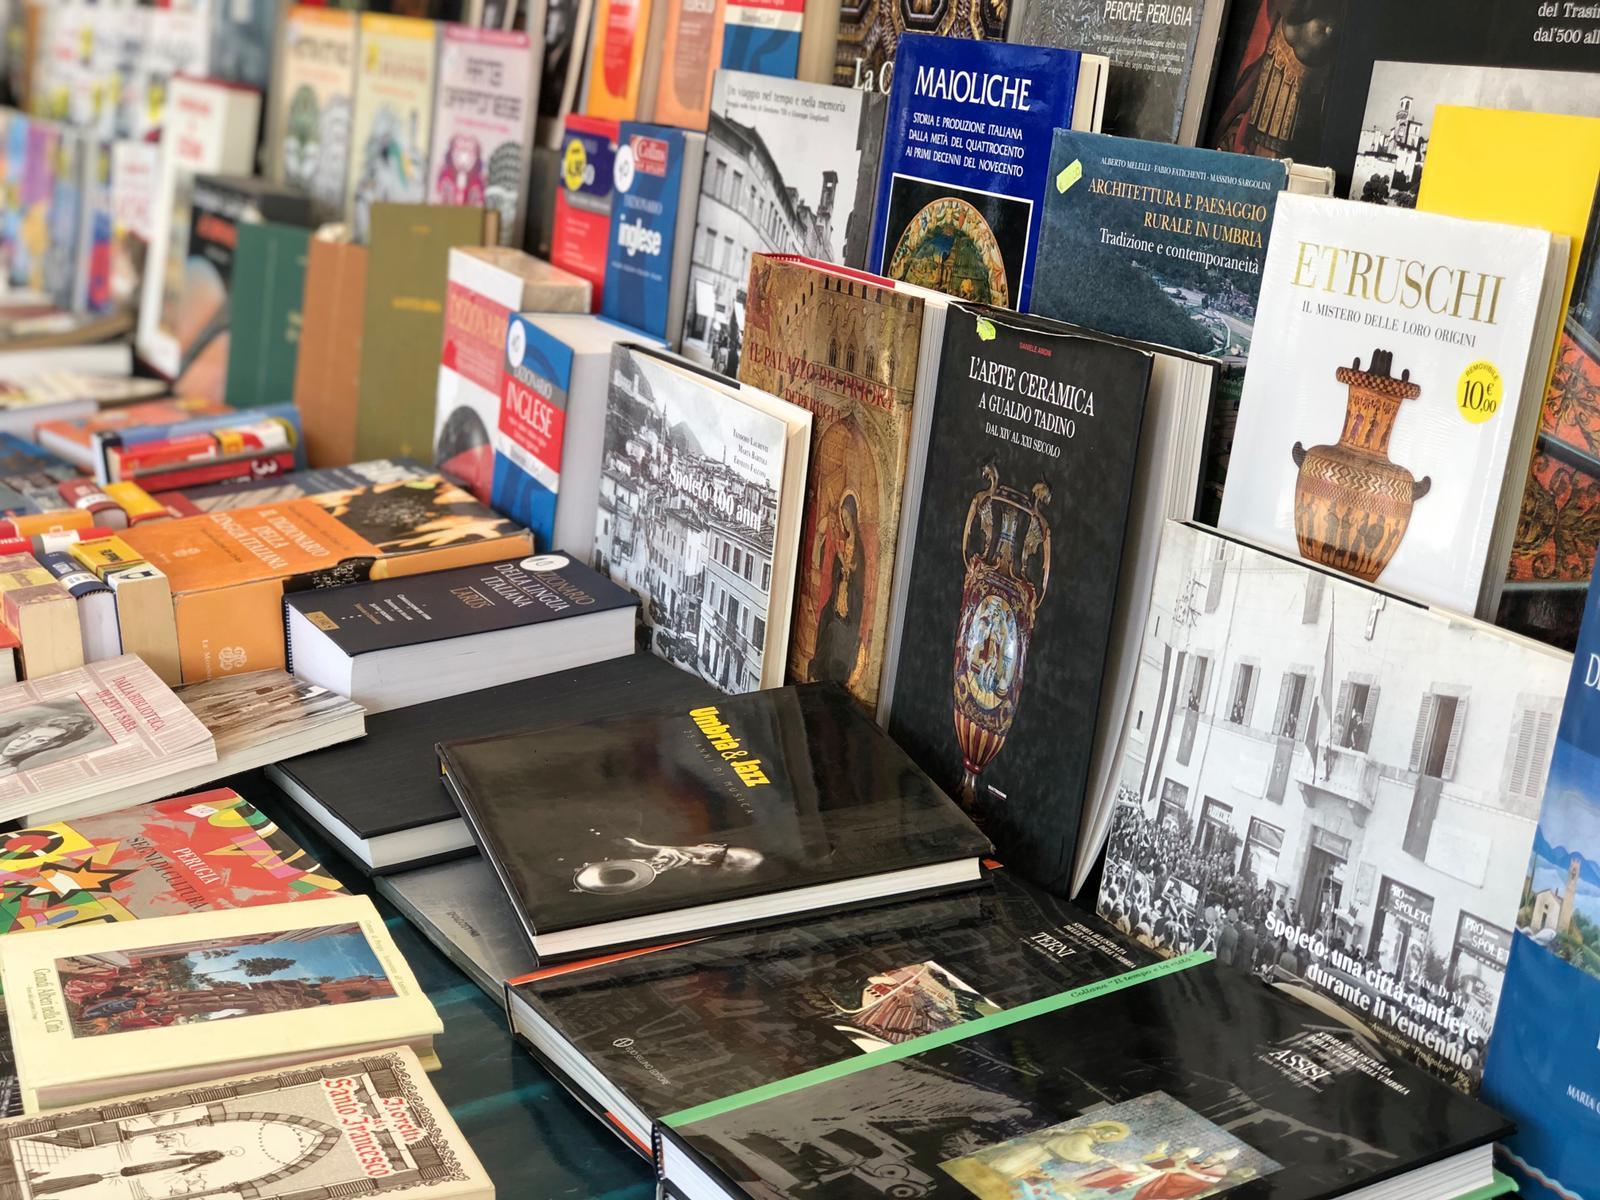 Perugia Fumetti - Mercato Pian Di Massiano - Libri e fumetti usati - 08